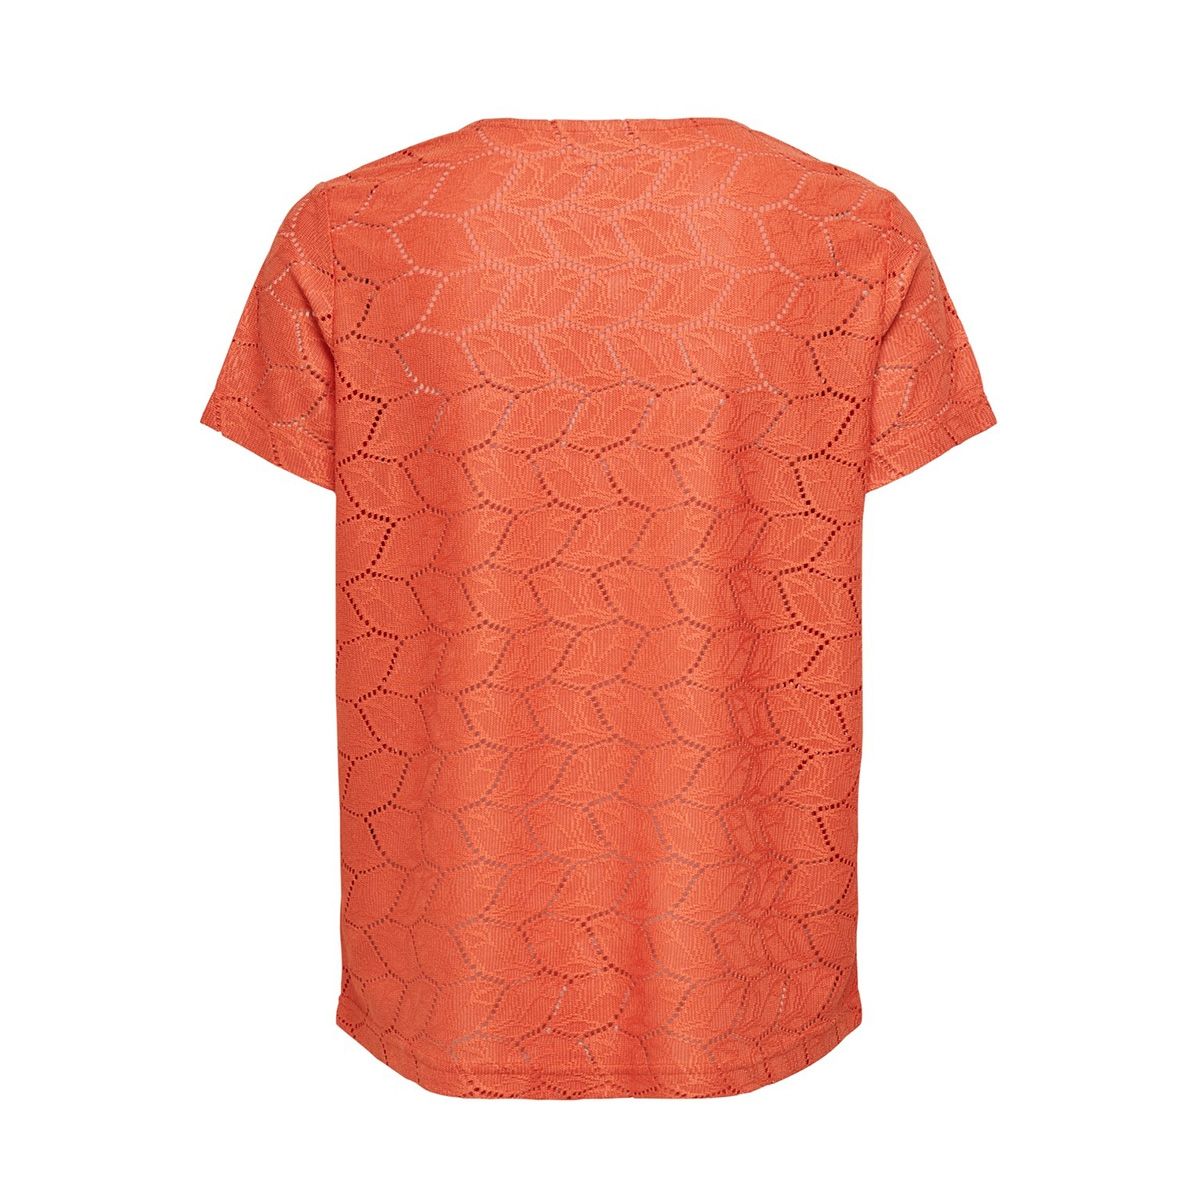 jdytag s/s lace top jrs rpt2 noos 15152331 jacqueline de yong t-shirt chilli